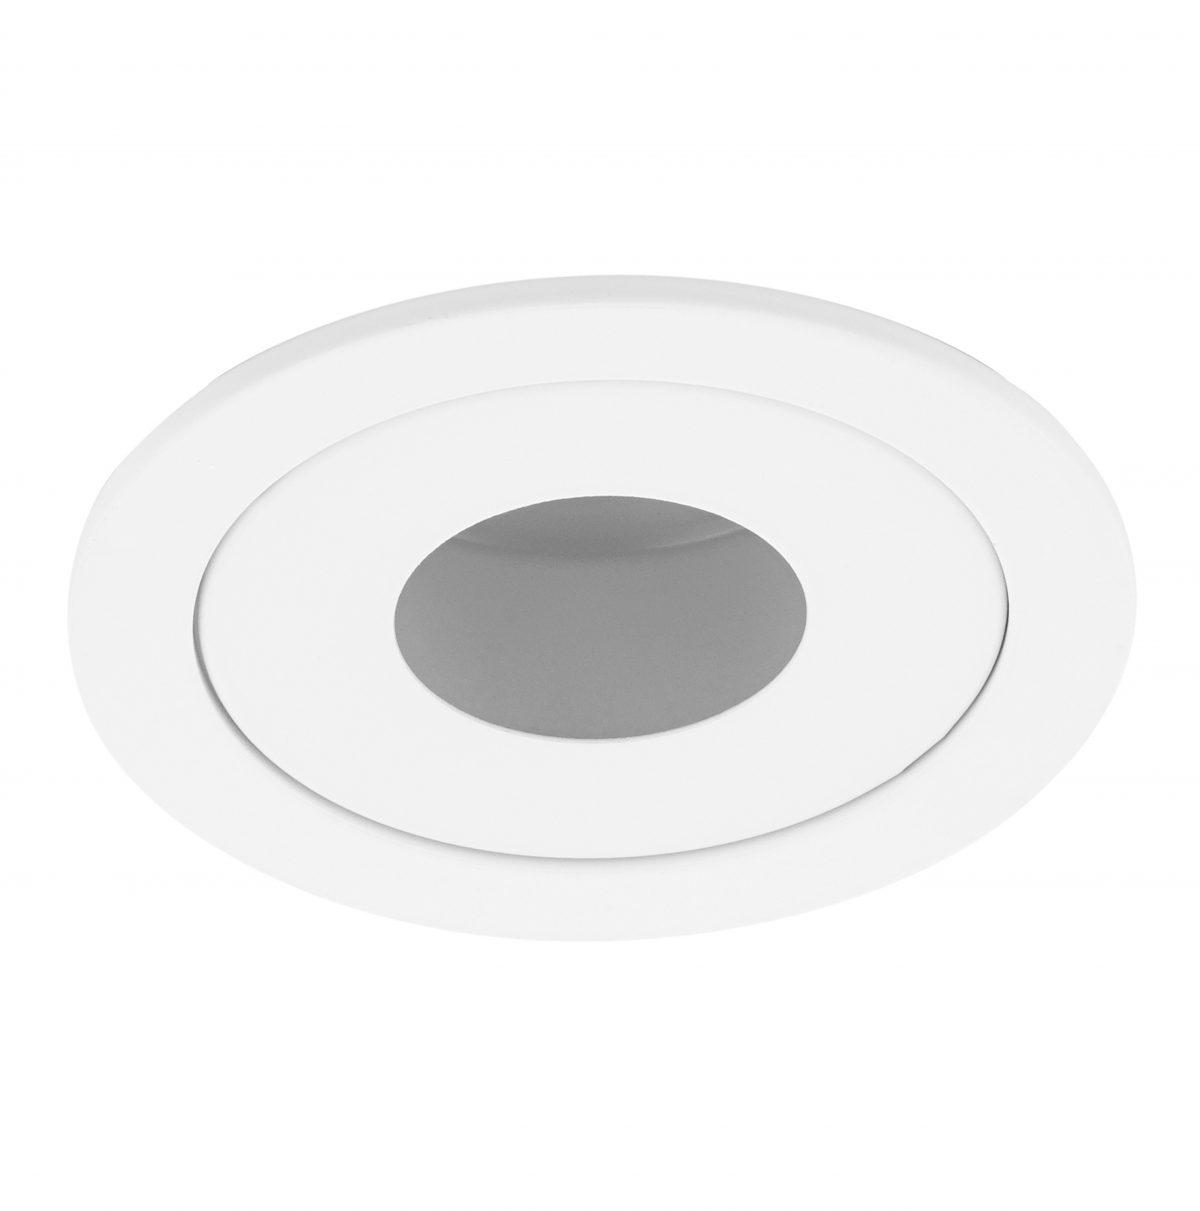 Светильник настенно-потолочный TONEZZA 5/PROFESSIO EGLO 61589 - Фото №28